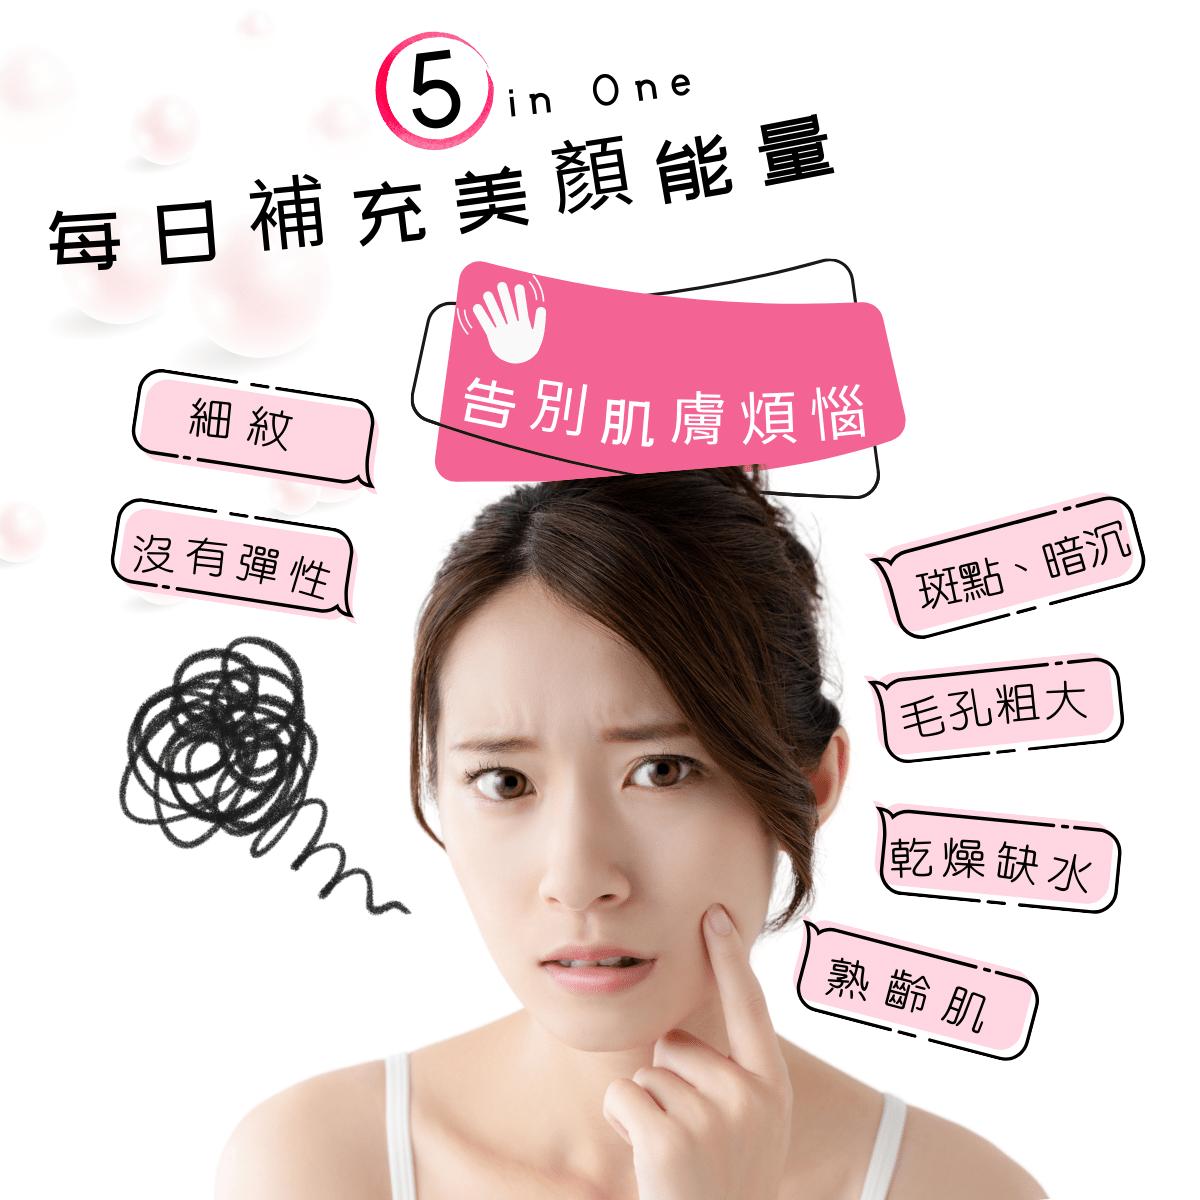 彈潤靚亮美妍錠 5 in one 每日補充美顏能量,告別惱人的肌膚問題